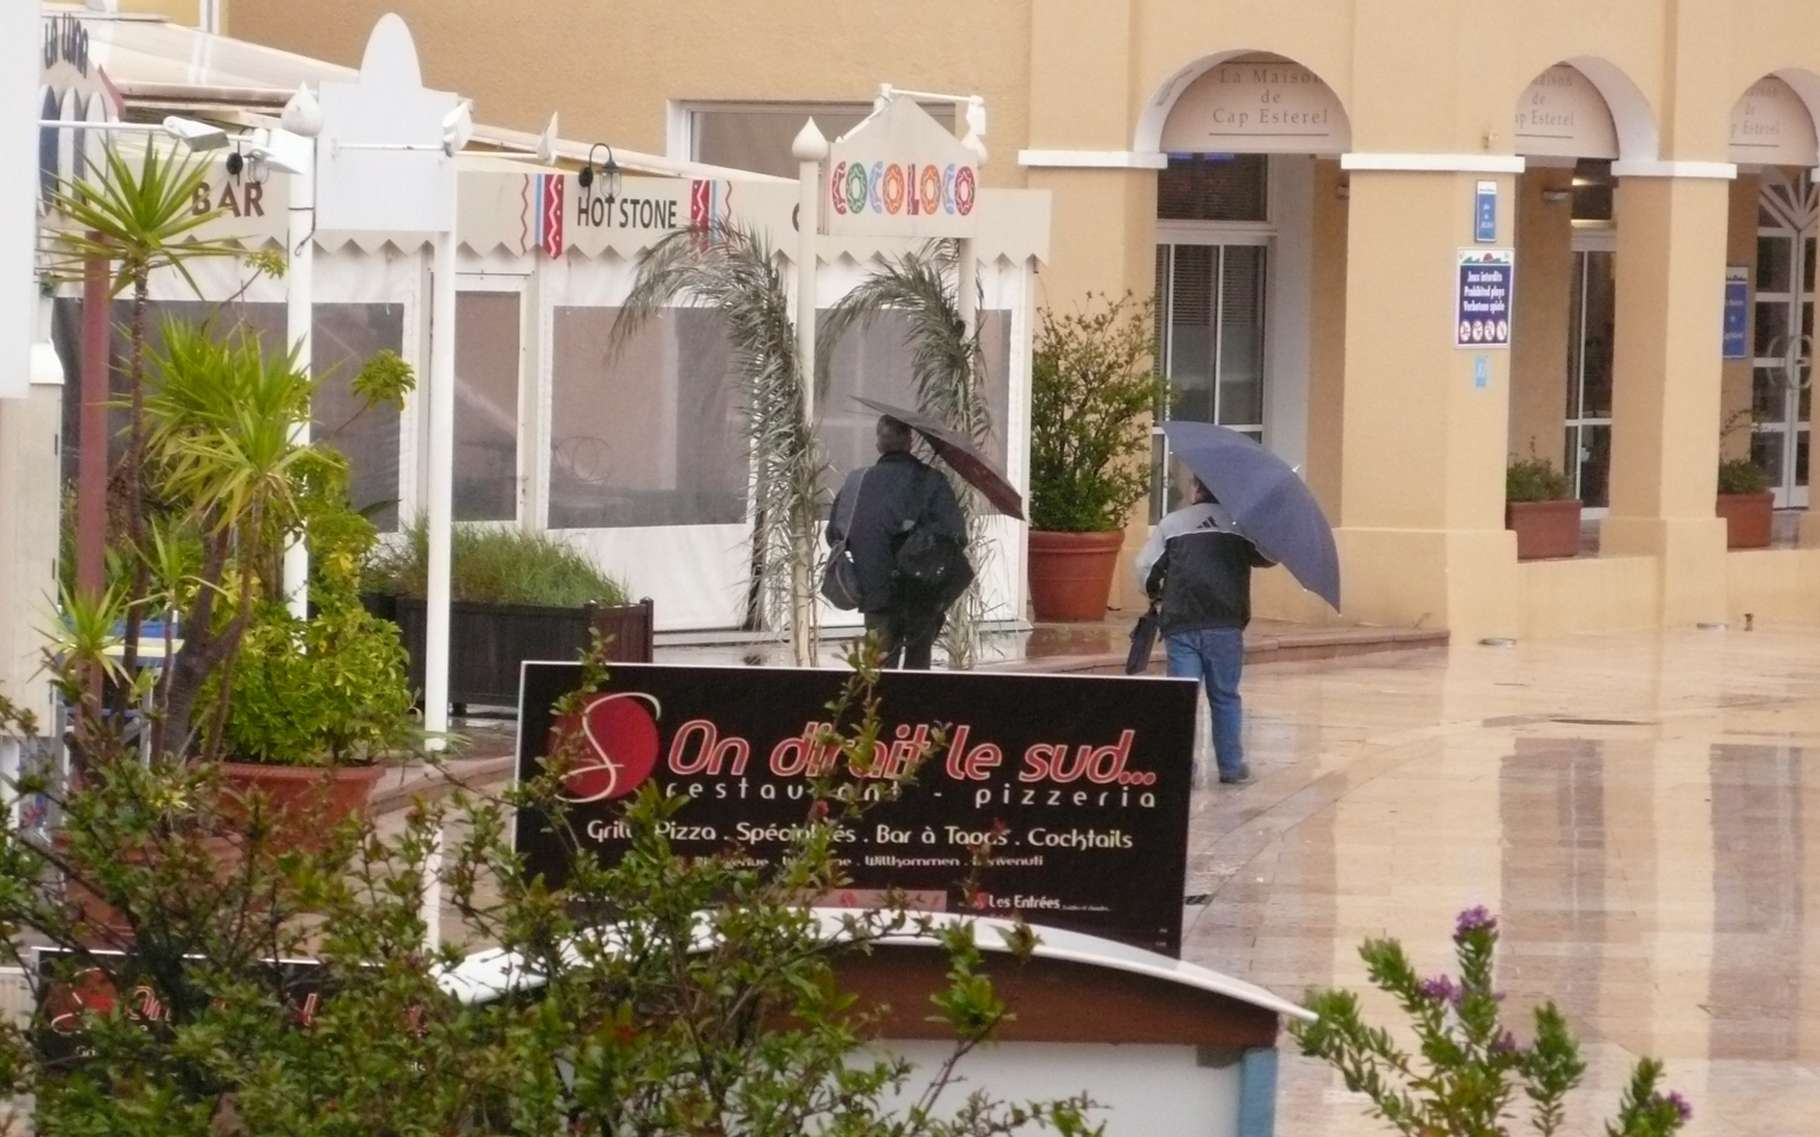 Dans le sud-est de la France, à l'automne, des précipitations intenses surviennent assez souvent et sont mises au crédit des « épisodes cévenols », un mécanisme bien connu. Mais d'autres phénomènes, plus locaux, interviennent aussi, comme le démontrent les résultats d'études récentes, menées grâce au programme Hymex. © Jean-Luc Goudet, Futura-Sciences